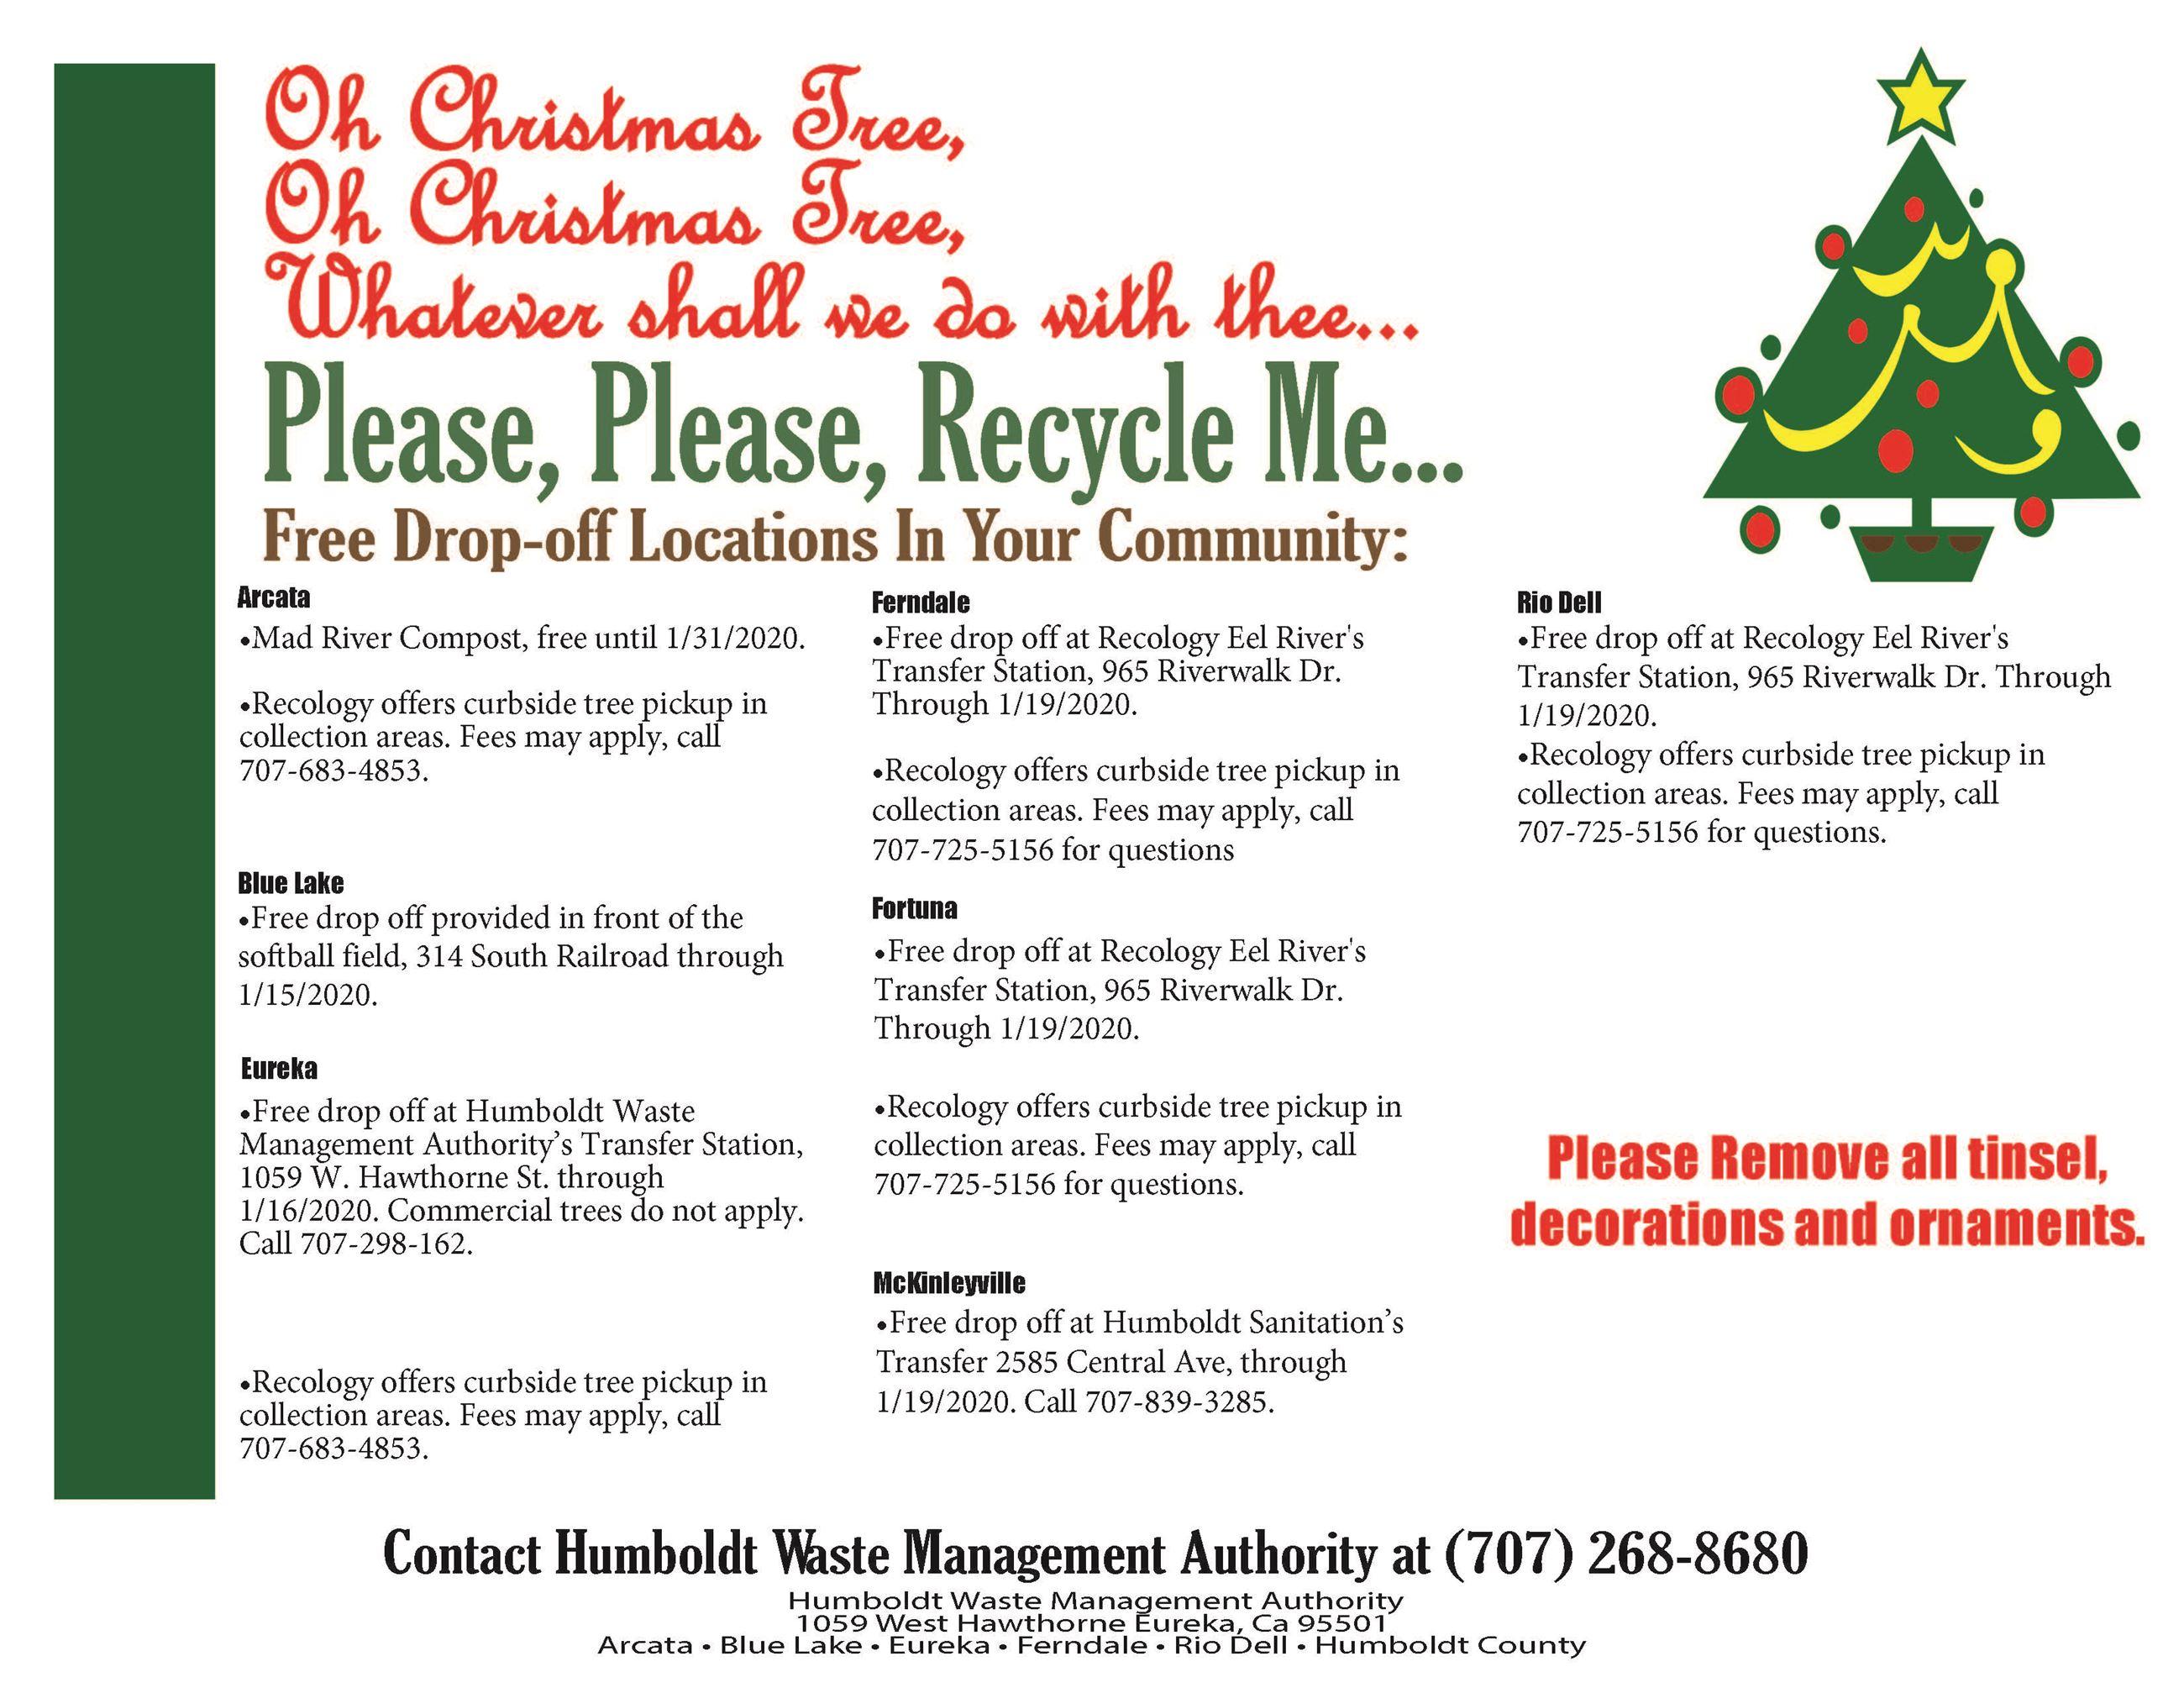 Christmas Lights Humboldt County 2020 Arcata, CA